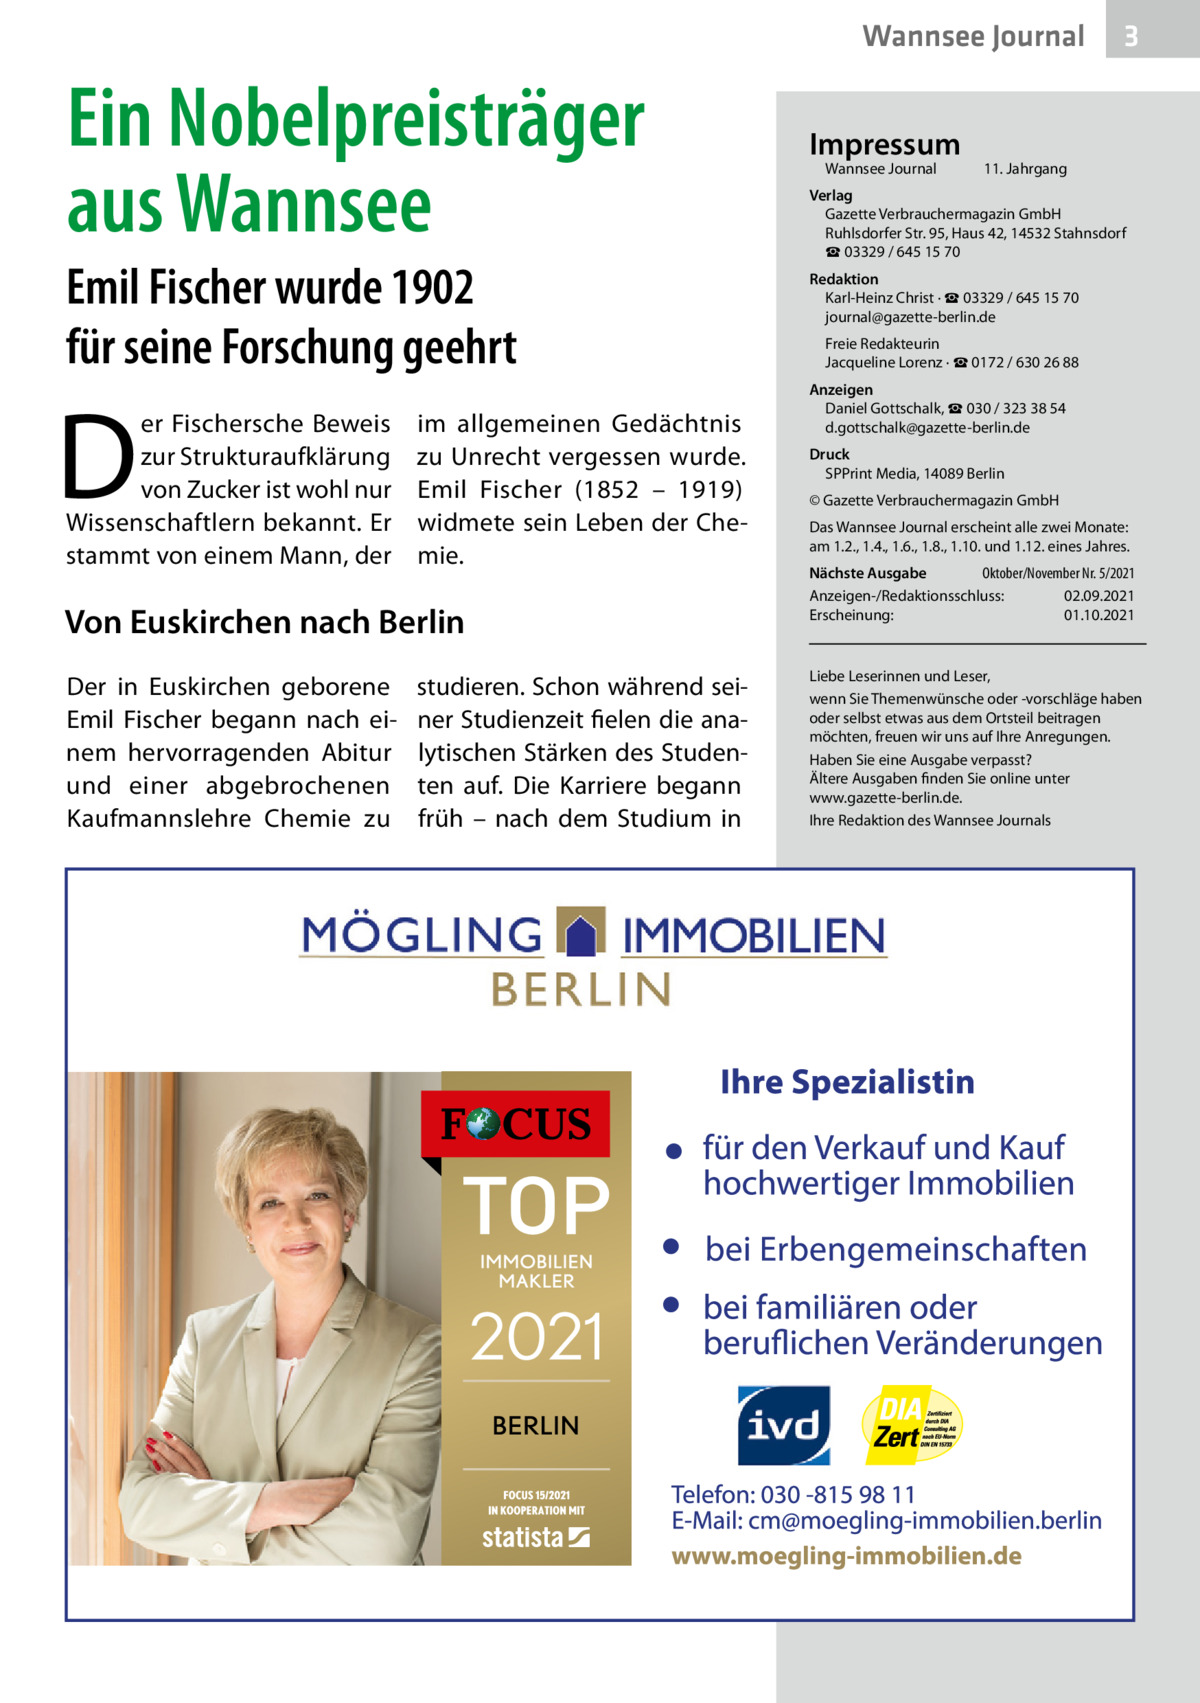 Wannsee Journal  Ein Nobelpreisträger aus Wannsee Emil Fischer wurde 1902 für seine Forschung geehrt  D  er Fischersche Beweis im allgemeinen Gedächtnis zur Strukturaufklärung zu Unrecht vergessen wurde. von Zucker ist wohl nur Emil Fischer (1852 – 1919) Wissenschaftlern bekannt. Er widmete sein Leben der Chestammt von einem Mann, der mie.  Von Euskirchen nach Berlin Der in Euskirchen geborene Emil Fischer begann nach einem hervorragenden Abitur und einer abgebrochenen Kaufmannslehre Chemie zu  studieren. Schon während seiner Studienzeit fielen die analytischen Stärken des Studenten auf. Die Karriere begann früh – nach dem Studium in  Impressum Wannsee Journal  3  11. Jahrgang  Verlag Gazette Verbrauchermagazin GmbH RuhlsdorferStr.95, Haus 42, 14532 Stahnsdorf ☎ 03329 / 645 15 70 Redaktion Karl-Heinz Christ · ☎ 03329 / 645 15 70 journal@gazette-berlin.de Freie Redakteurin Jacqueline Lorenz · ☎ 0172 /6302688 Anzeigen Daniel Gottschalk, ☎ 030 / 323 38 54 d.gottschalk@gazette-berlin.de Druck SPPrint Media, 14089Berlin © Gazette Verbrauchermagazin GmbH Das Wannsee Journal erscheint alle zwei Monate: am 1.2., 1.4., 1.6., 1.8., 1.10. und 1.12. eines Jahres. Nächste Ausgabe  Oktober/November Nr. 5/2021 Anzeigen-/Redaktionsschluss:02.09.2021 Erscheinung:01.10.2021  Liebe Leserinnen und Leser, wenn Sie Themenwünsche oder -vorschläge haben oder selbst etwas aus dem Ortsteil beitragen möchten, freuen wir uns auf Ihre Anregungen. Haben Sie eine Ausgabe verpasst? Ältere Ausgaben finden Sie online unter www.gazette-berlin.de. Ihre Redaktion des Wannsee Journals